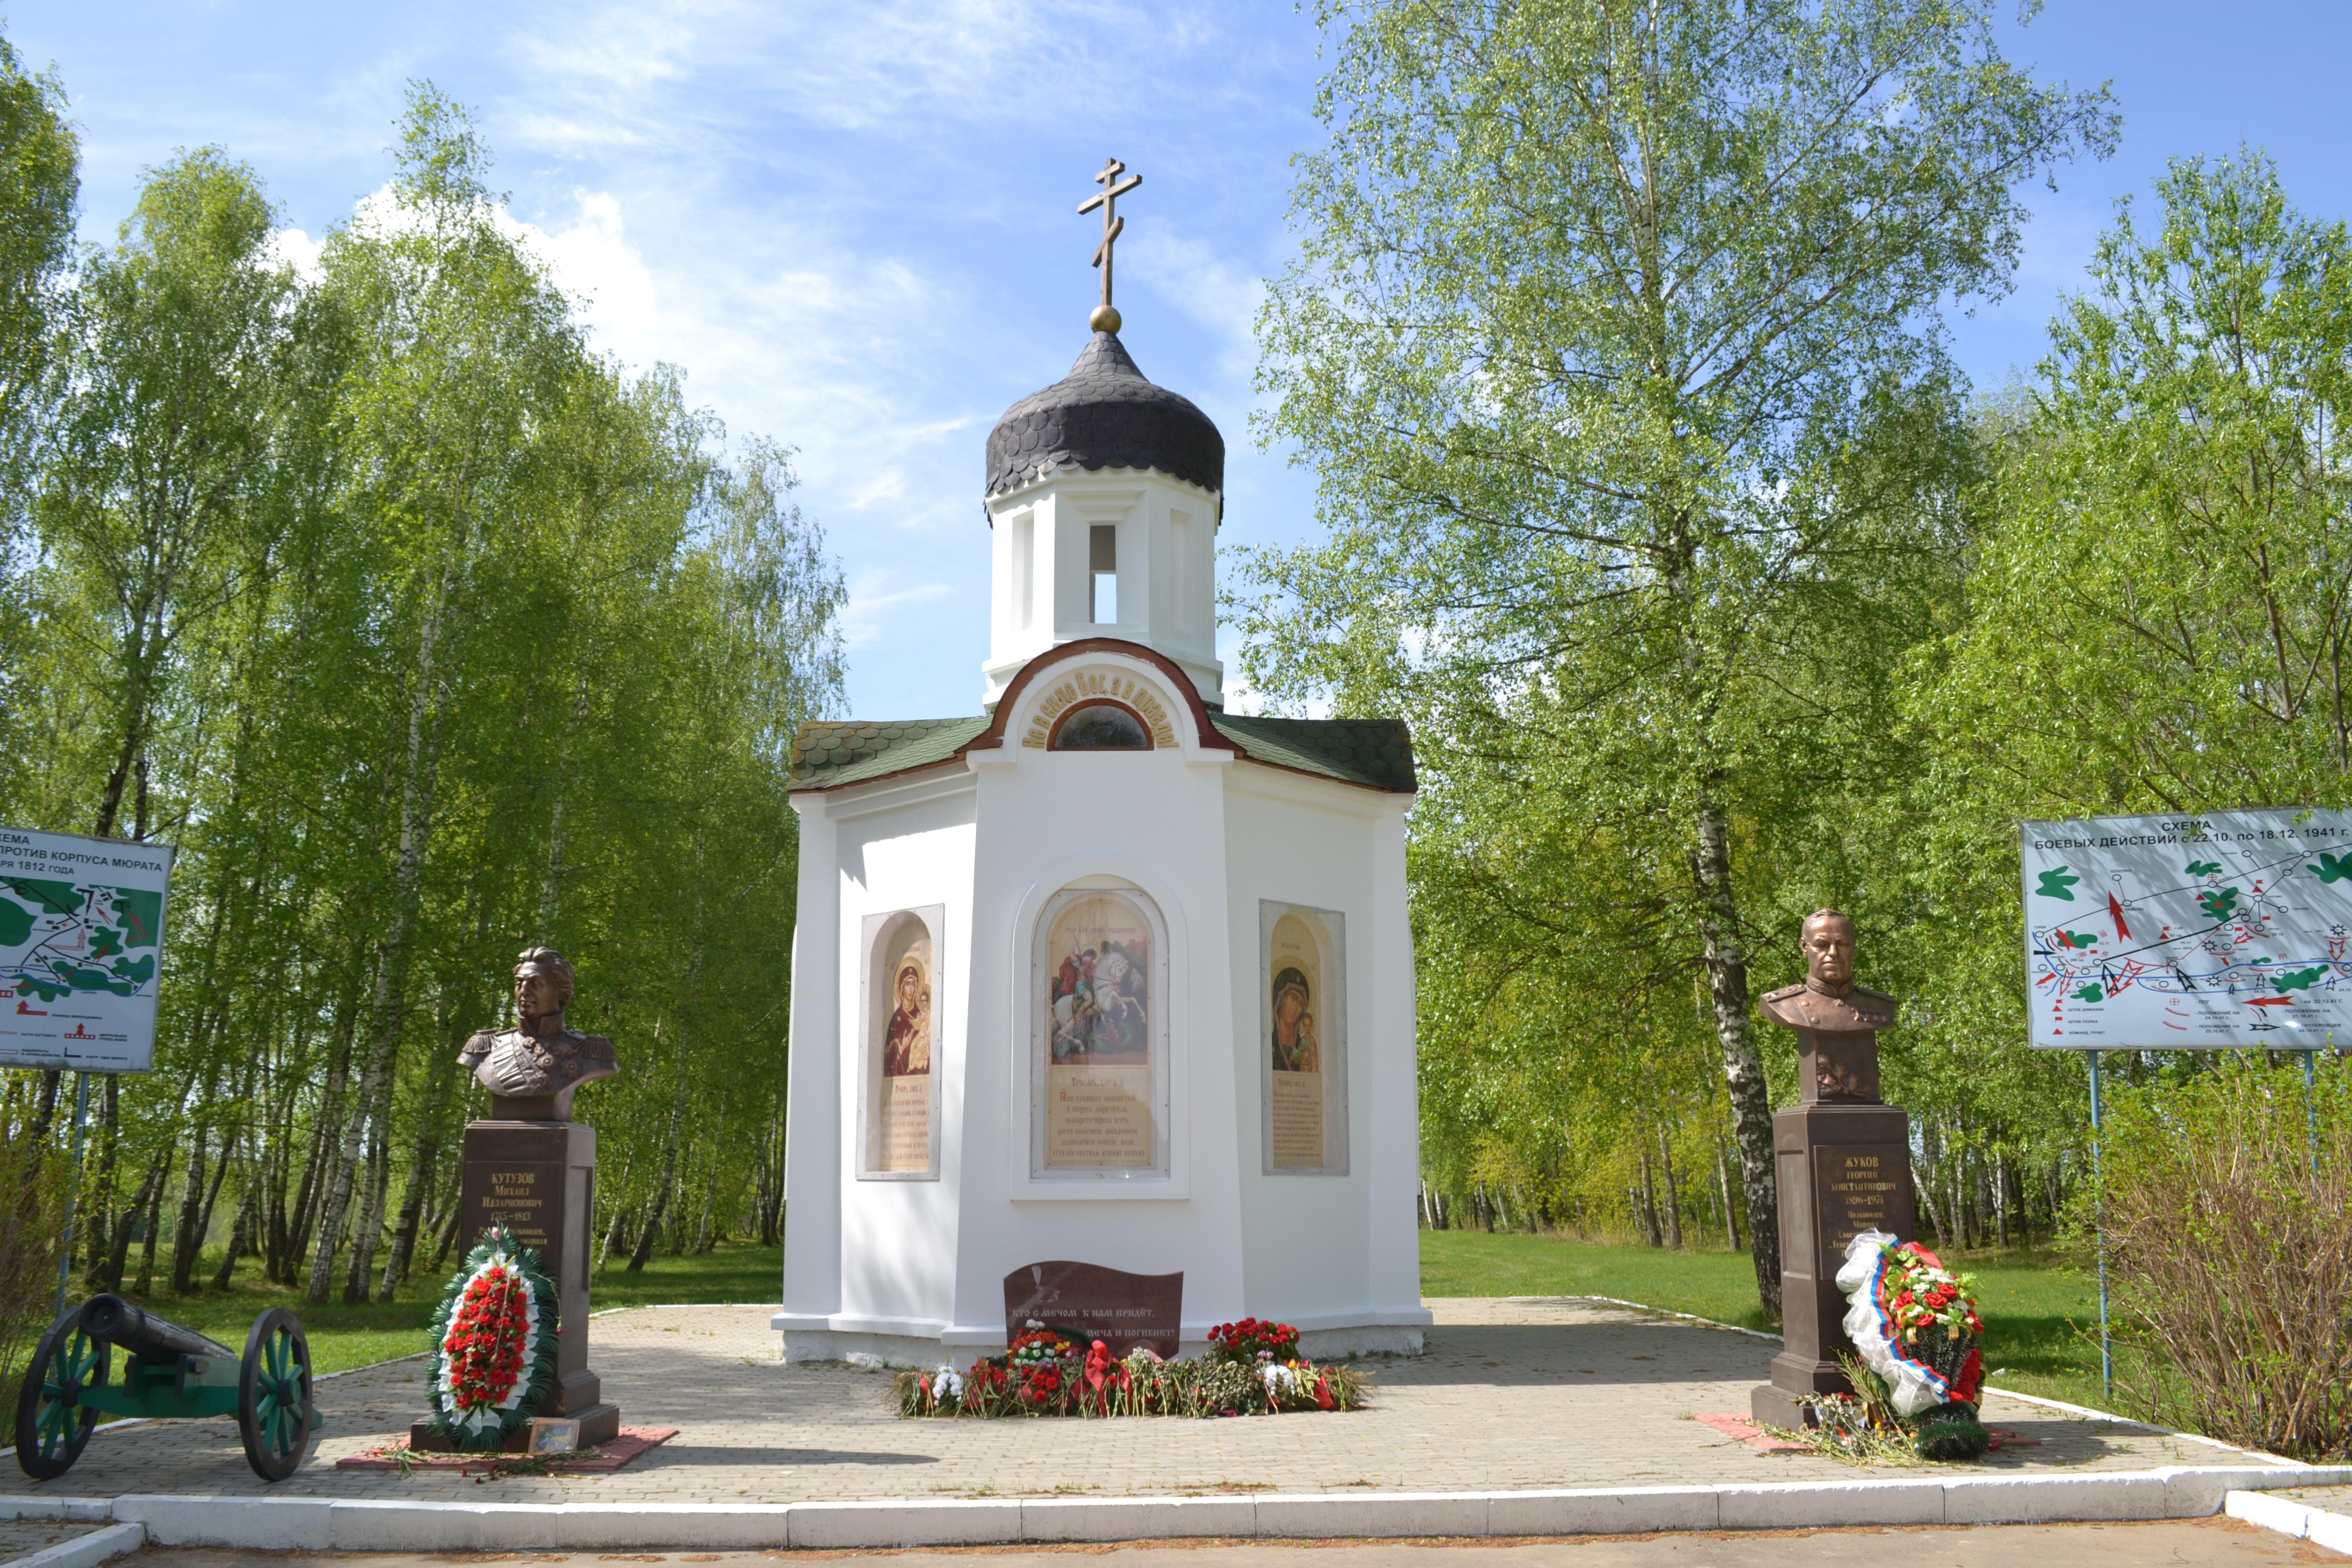 Мемориал воинской славы в Кузовлево облагородят